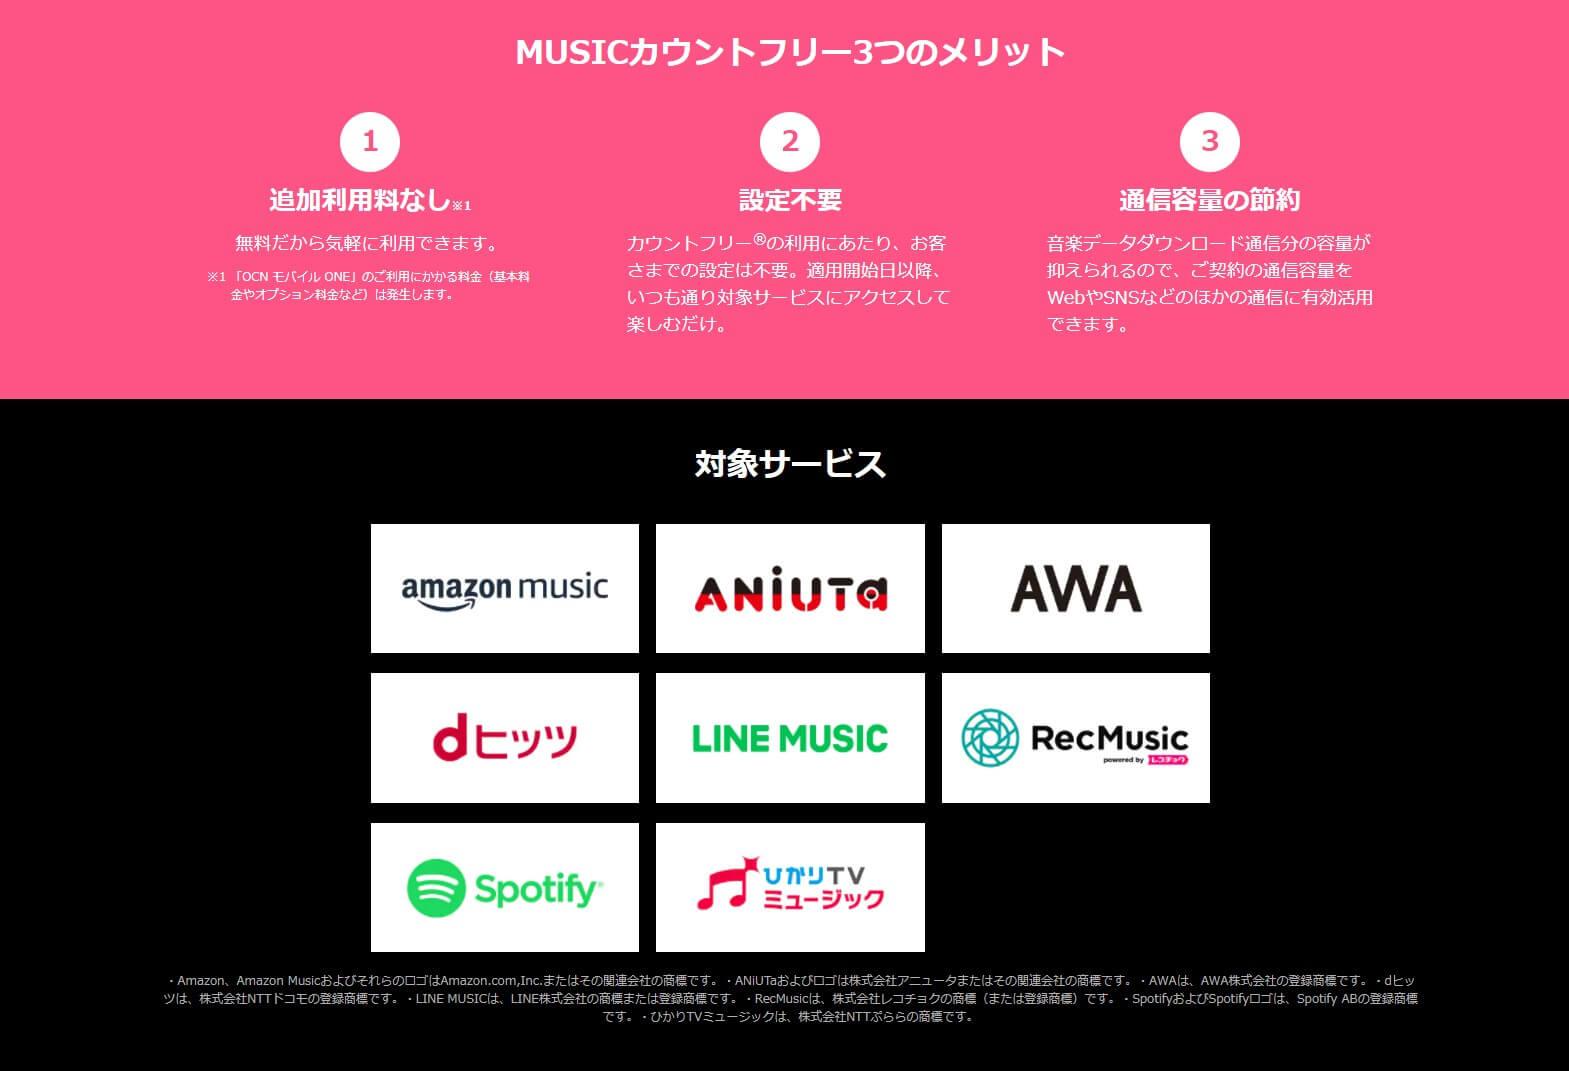 Amazon MusicはOCNモバイルONEのMUSICカウントフリーに対応している